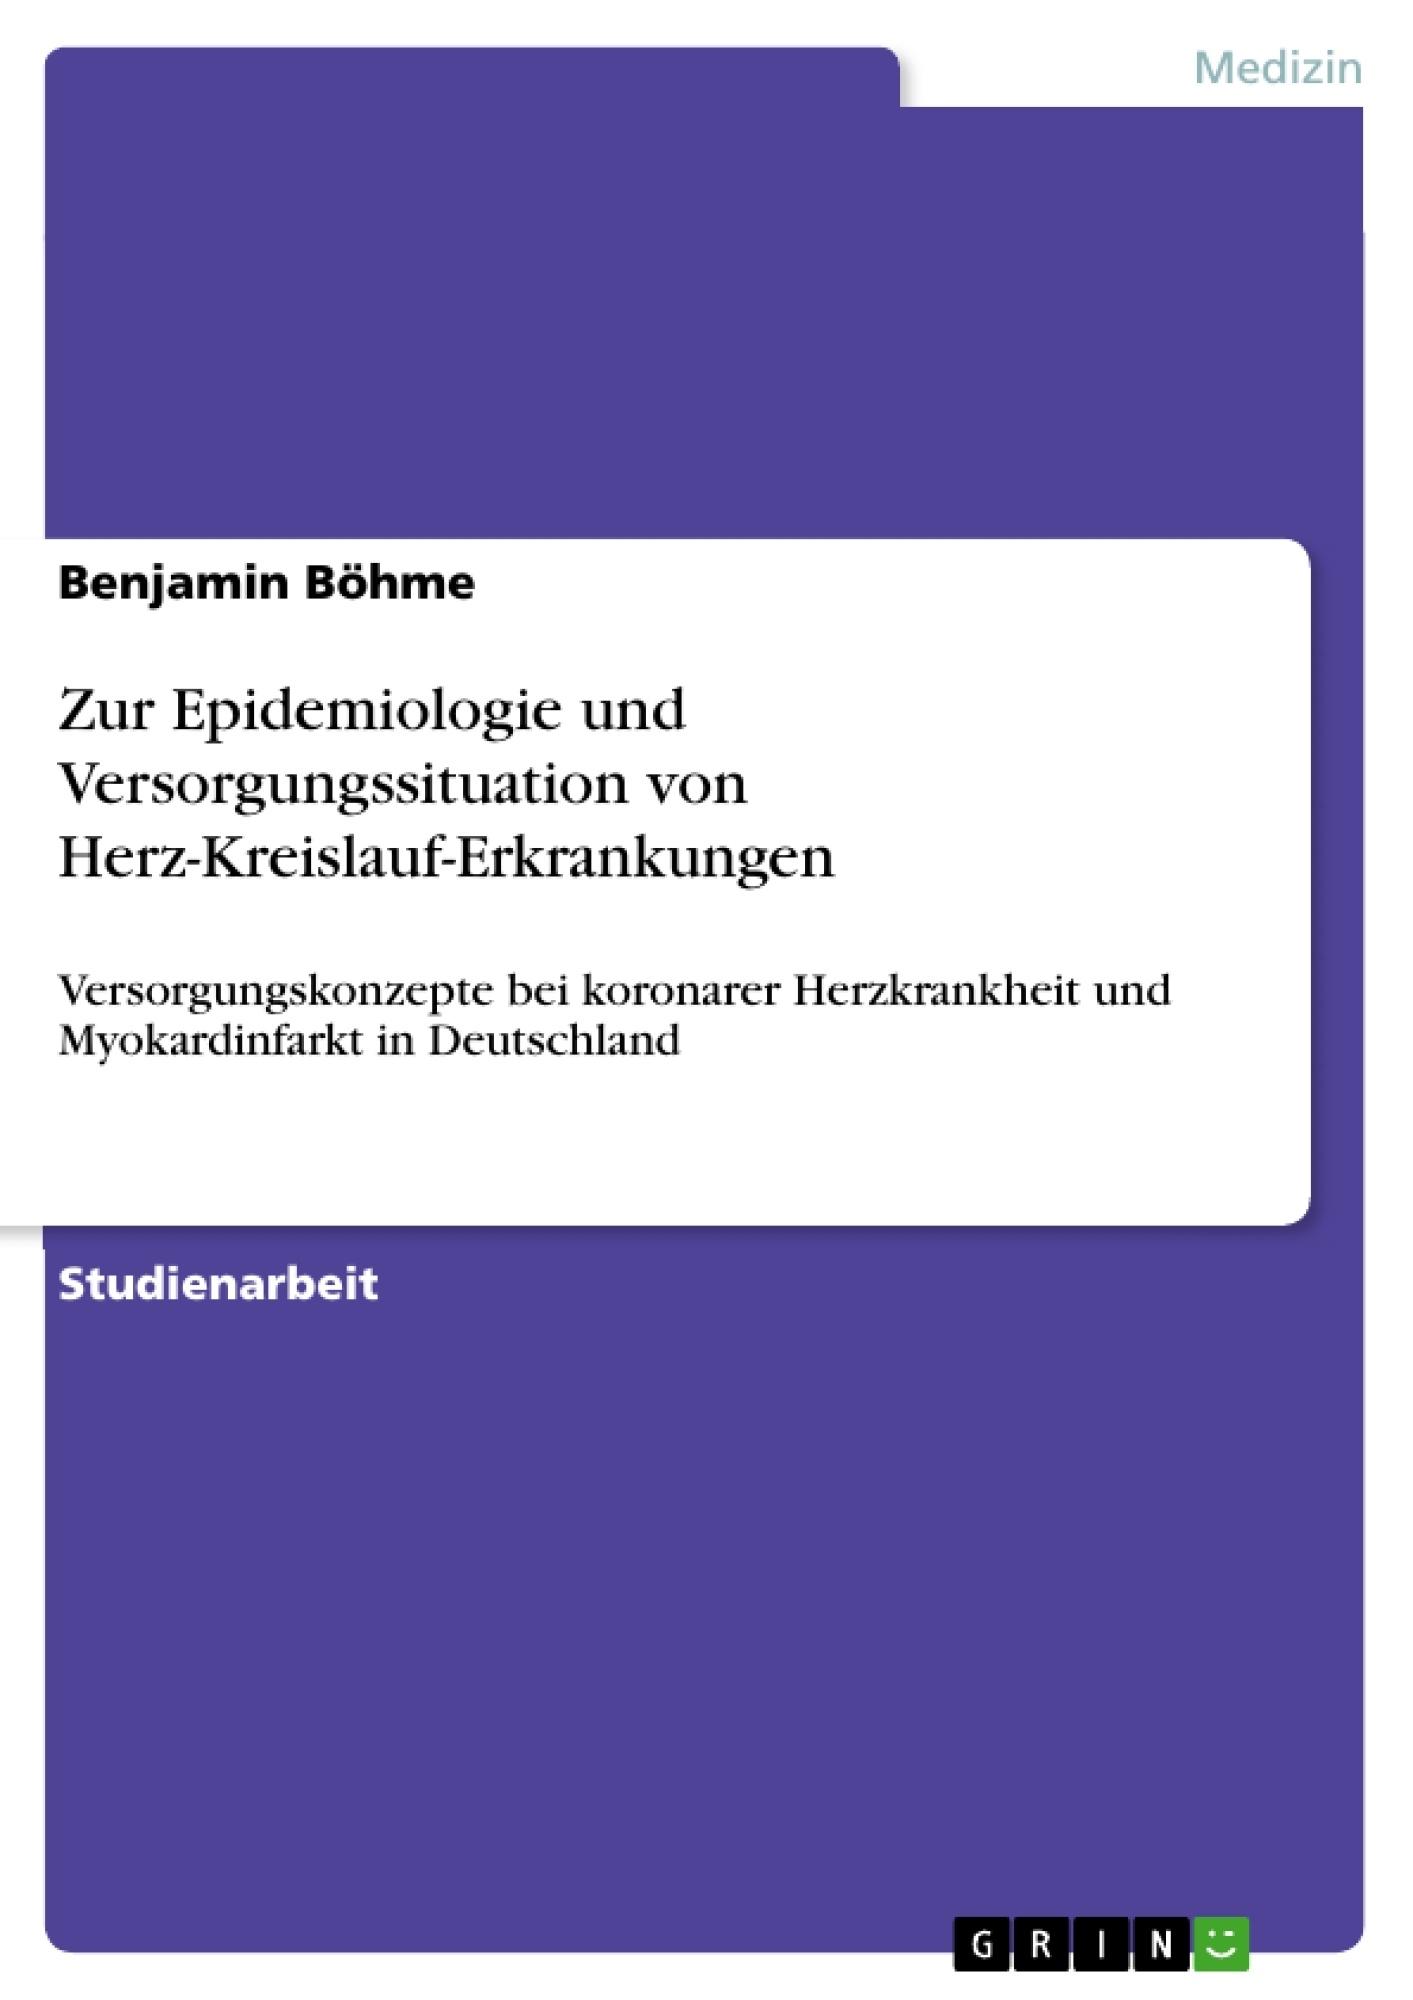 Titel: Zur Epidemiologie und Versorgungssituation von Herz-Kreislauf-Erkrankungen